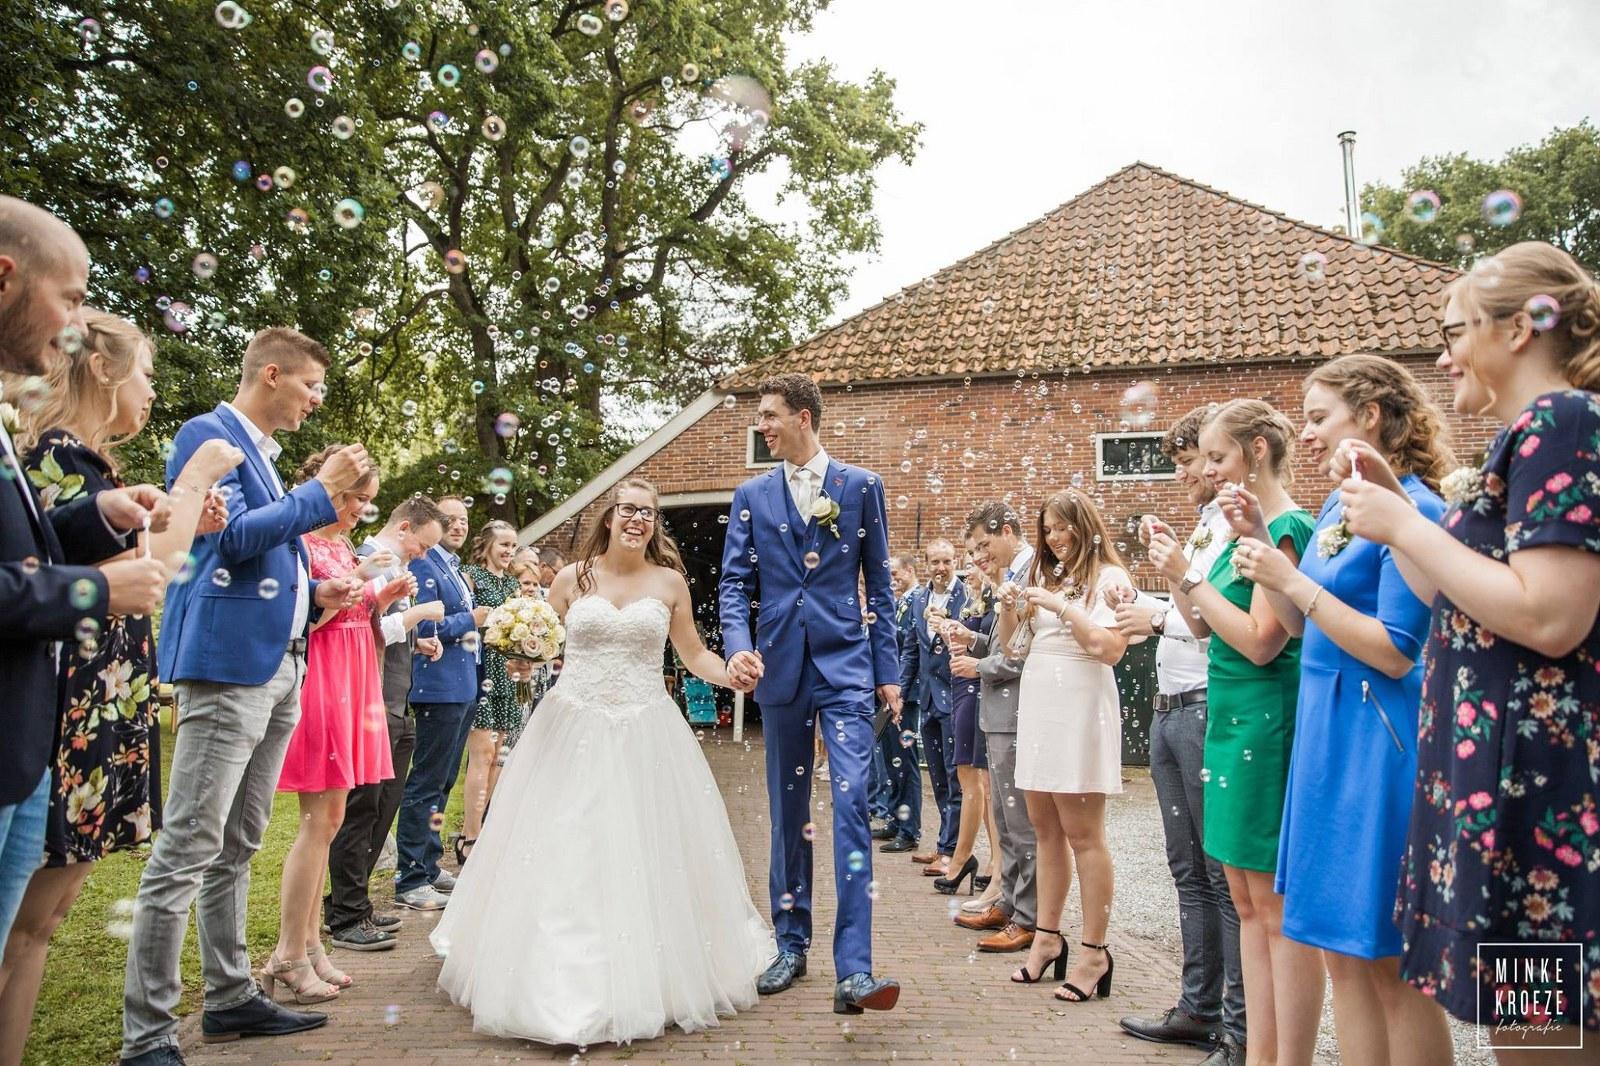 Oranje boven! Blauw trouwpak met bijzondere schoenen